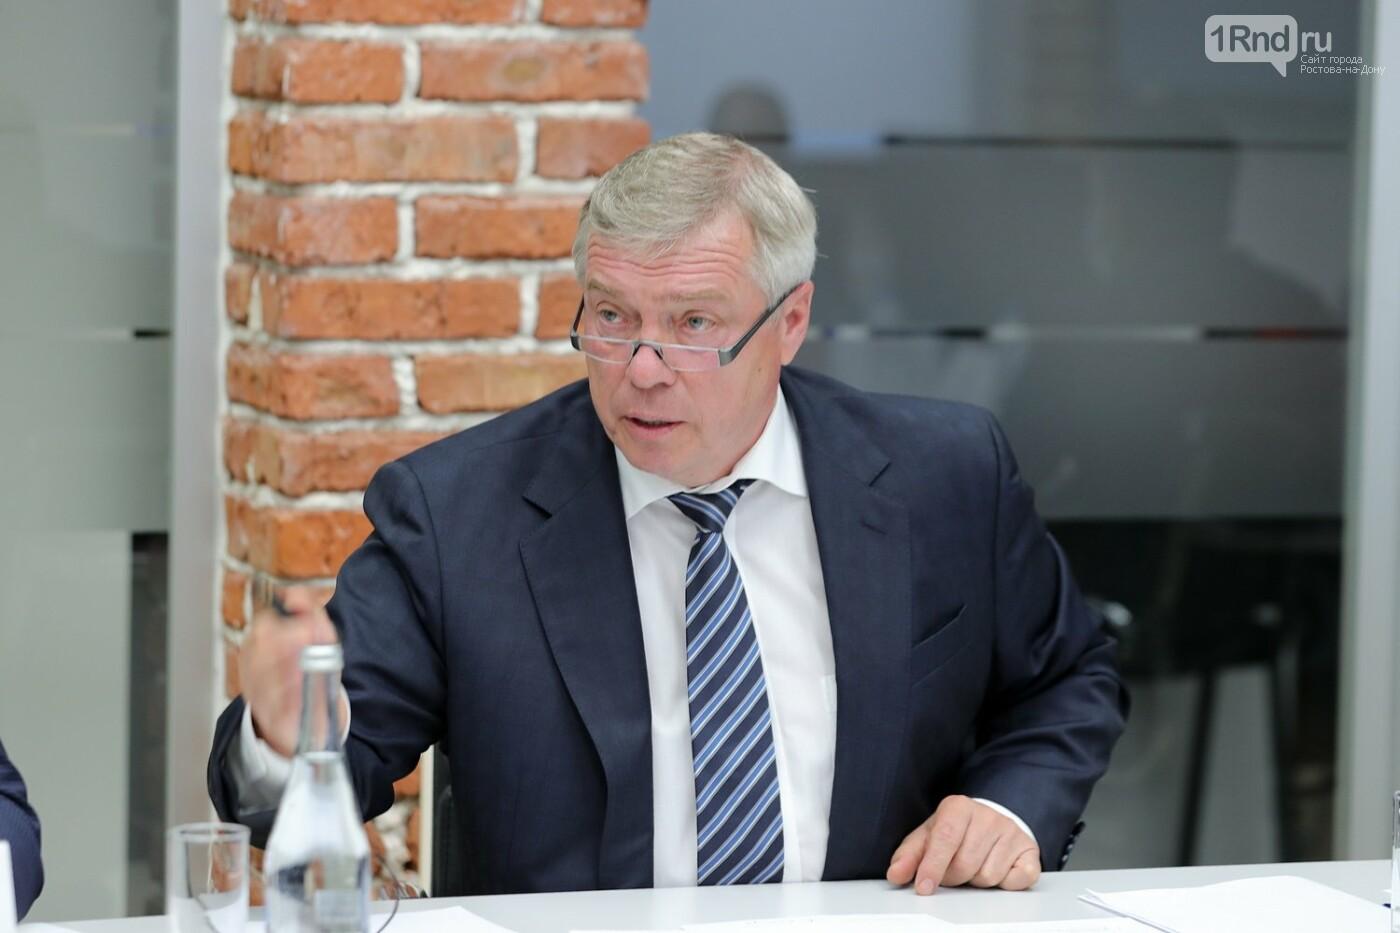 Встреча губернатора и предпринимателей оптовых рынков 4 мая, Фото пресс-службы губернатора РО